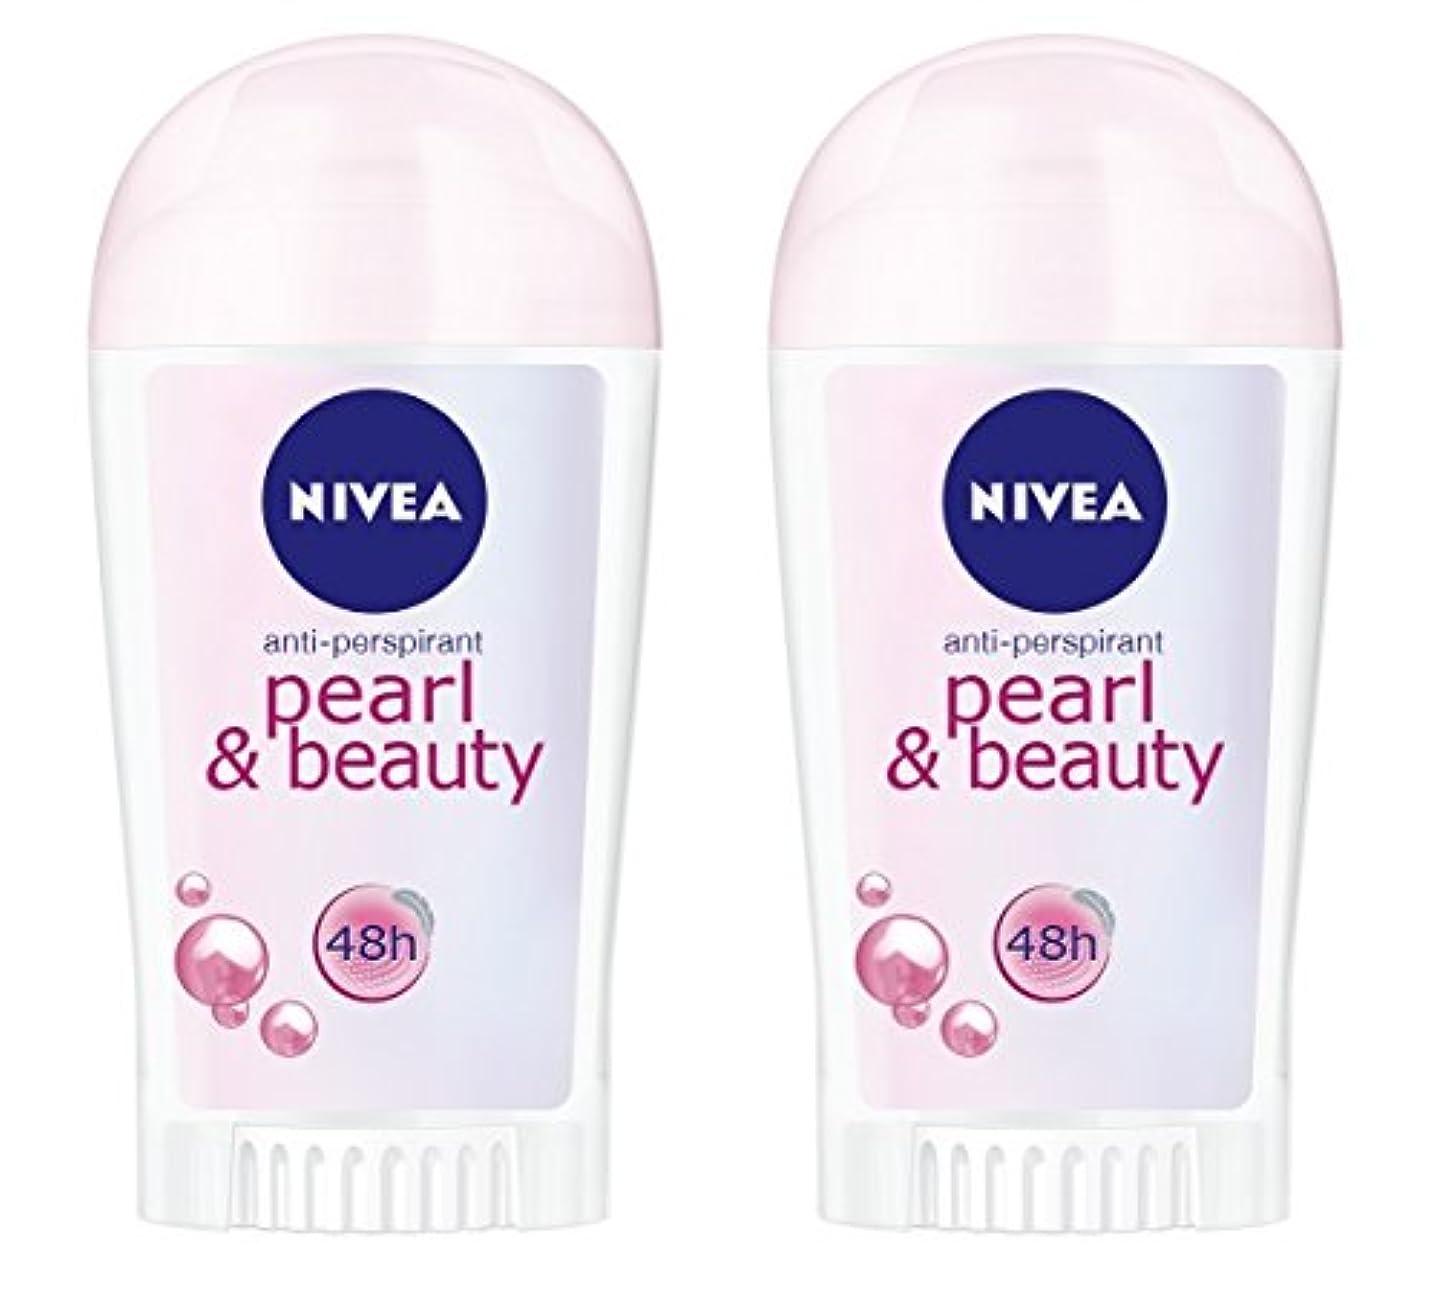 展開する岩泳ぐ(2パック) ニベアパールそしてビューティー制汗剤デオドラントスティック女性のための2x40ml - (Pack of 2) Nivea Pearl & Beauty Anti-perspirant Deodorant Stick for Women 2x40ml